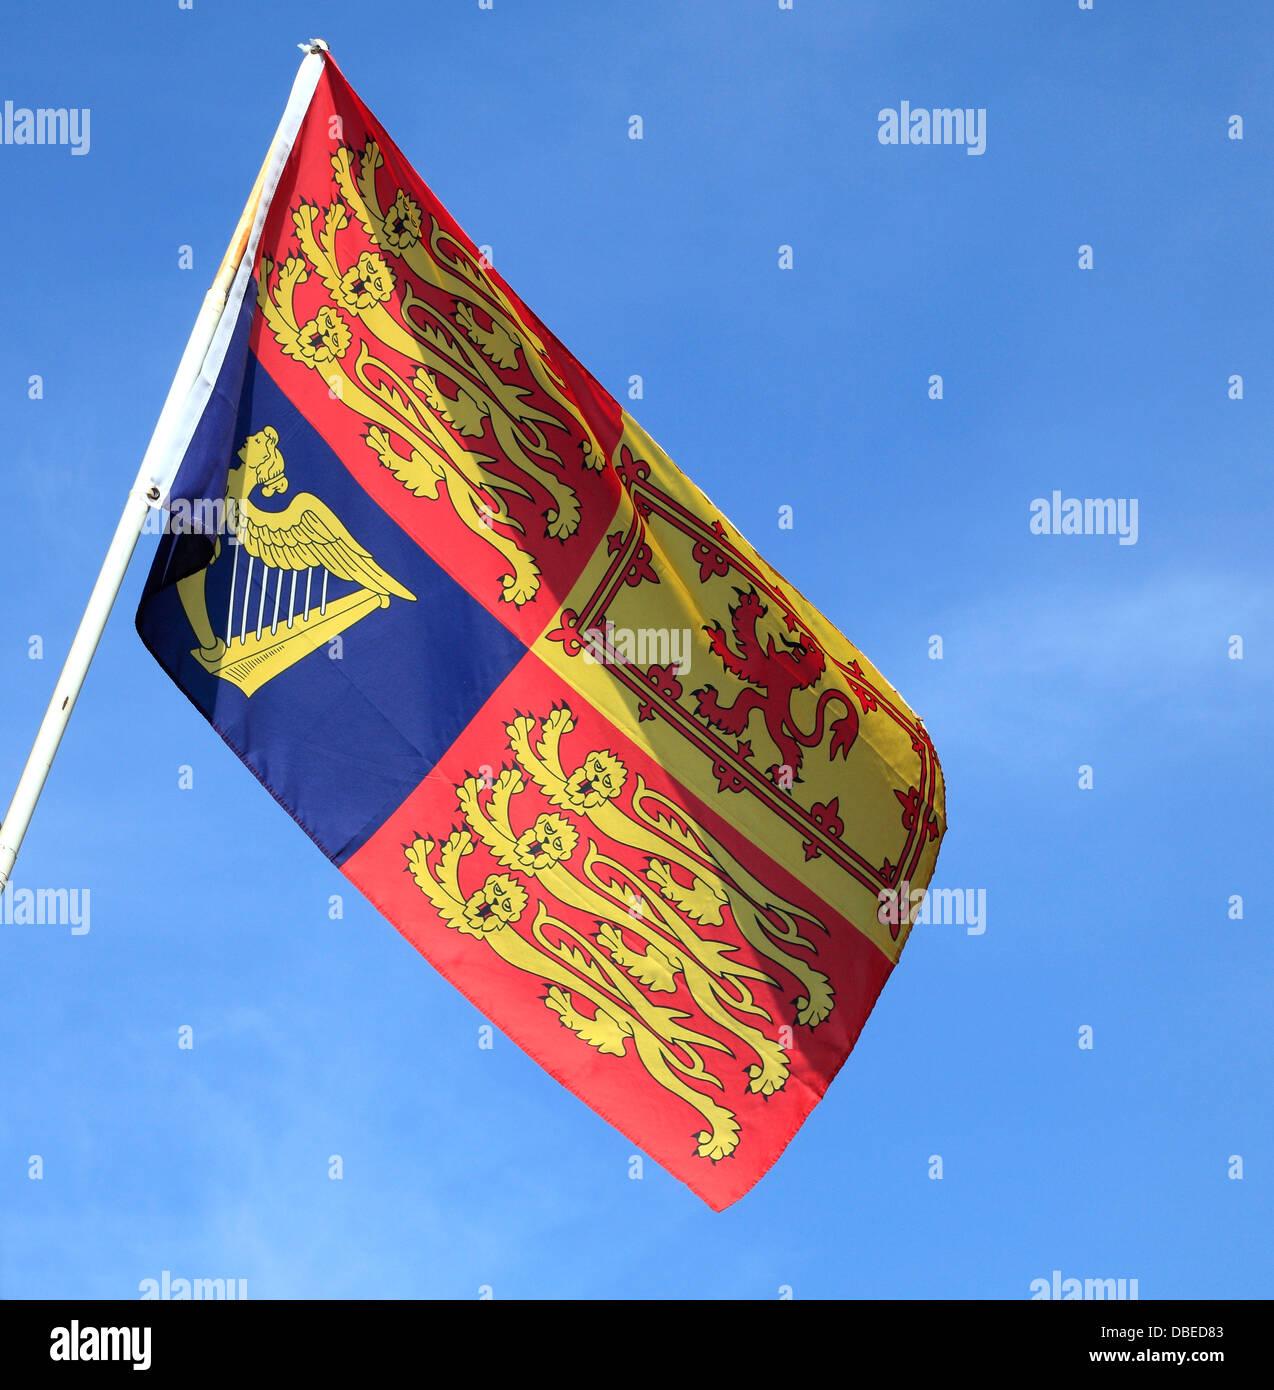 Königliche Standarte, Flaggen Fahne, England UK Stockbild